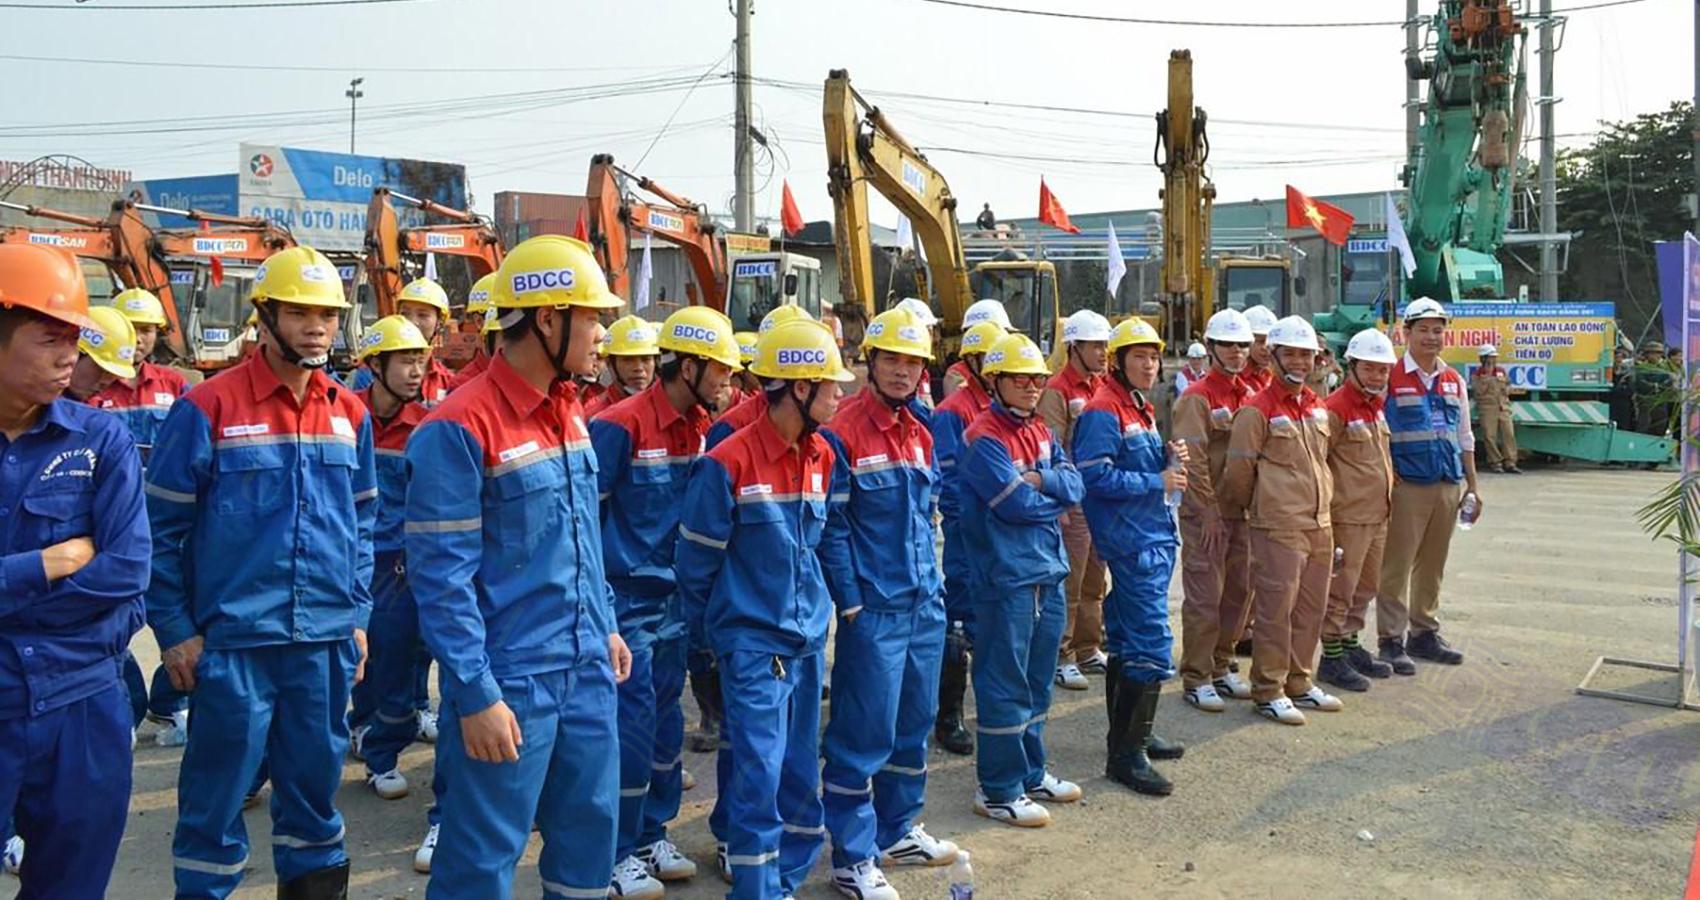 đồng phục bảo hộ công nhân - kỹ sư - phoenix